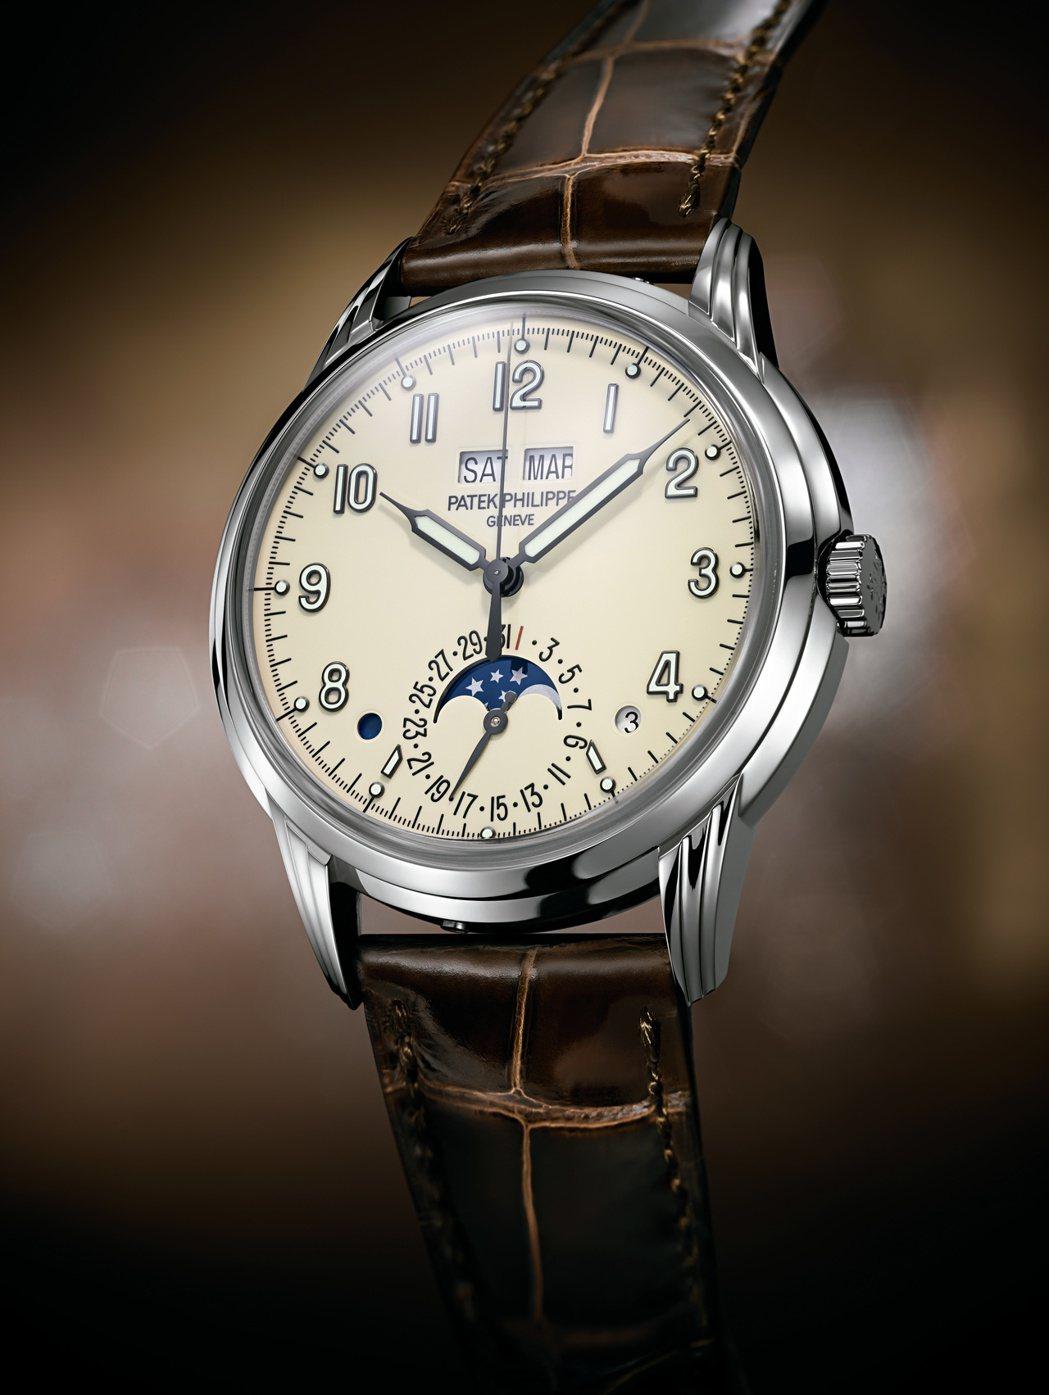 編號5320G萬年曆男裝腕表, 40毫米18K白金表殼、324 S Q自動上鍊萬...